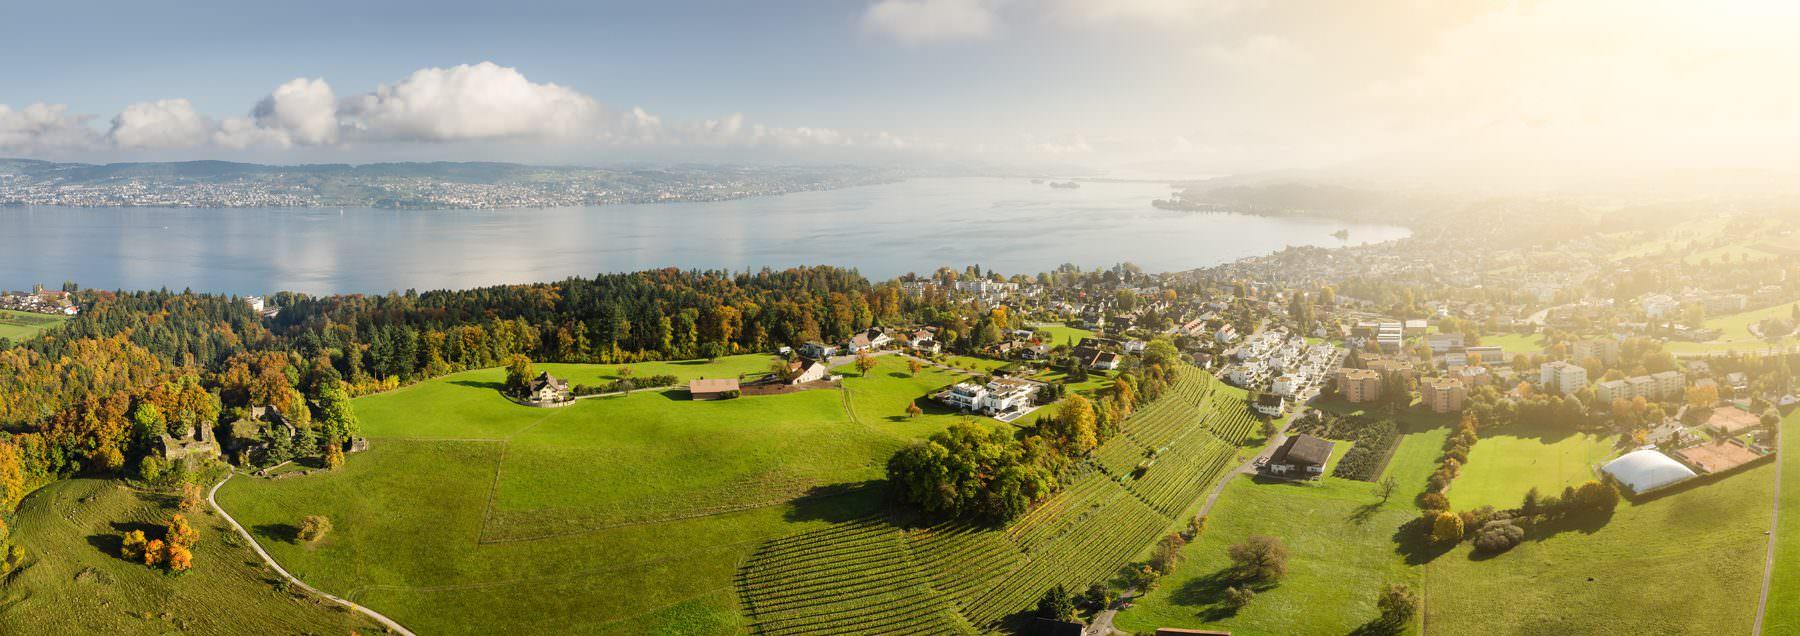 Luftaufnahme mit Drohne, Richterswil, Altschloss, Blick auf den Zürichsee, Wollerau, Damm © by Gerry Pacher